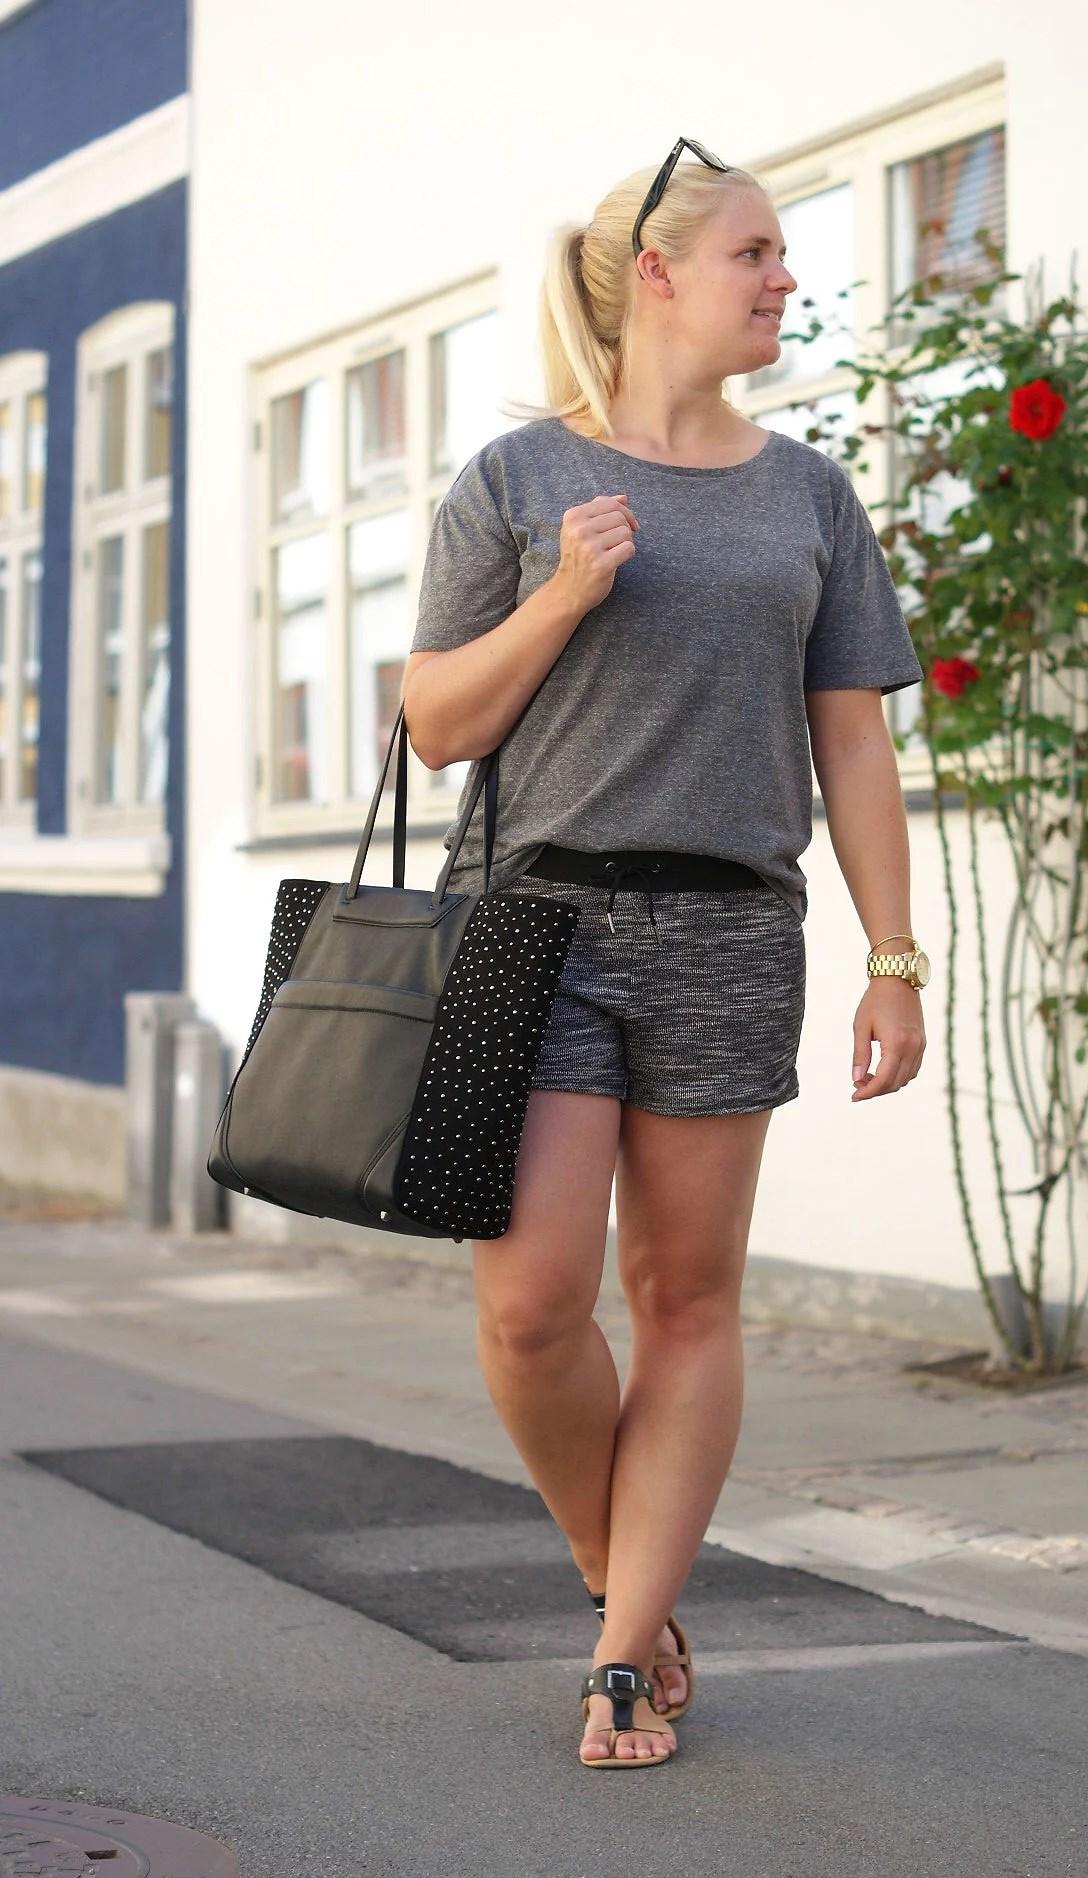 danskblogger